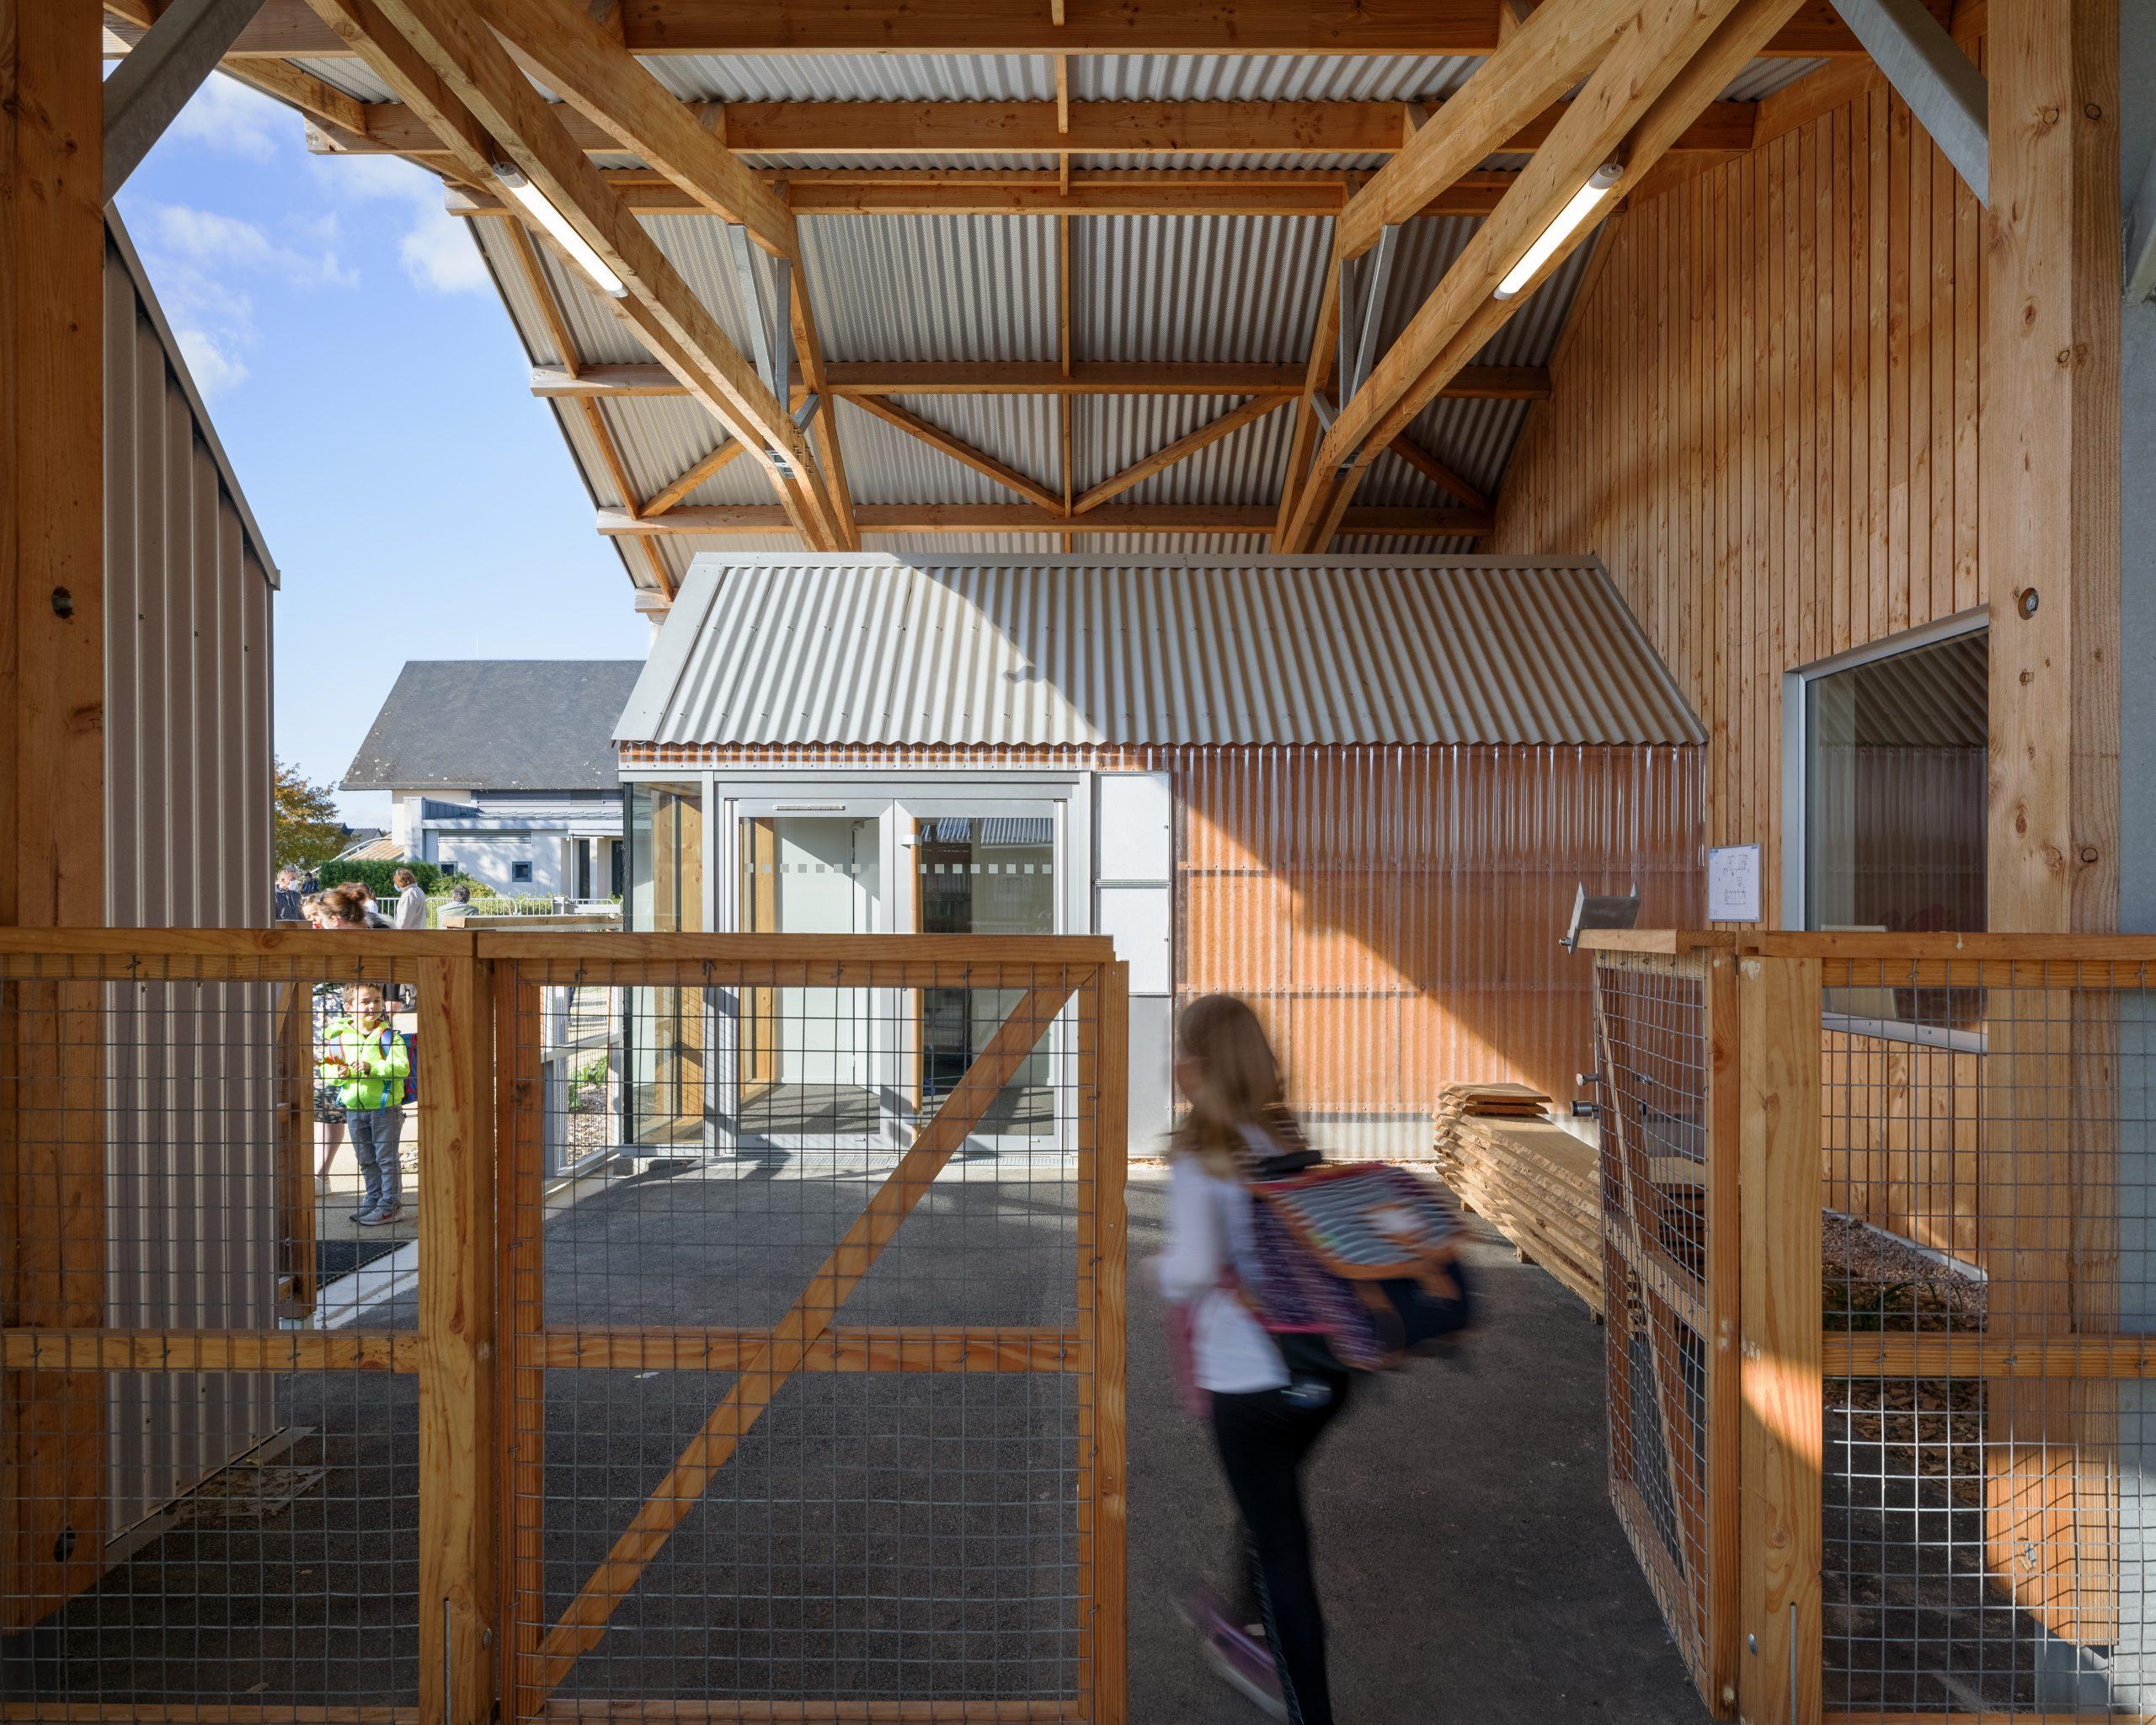 2010 Ecole Faro Architectes Baulon F.dantart Non Libre De Droits Recreation 13